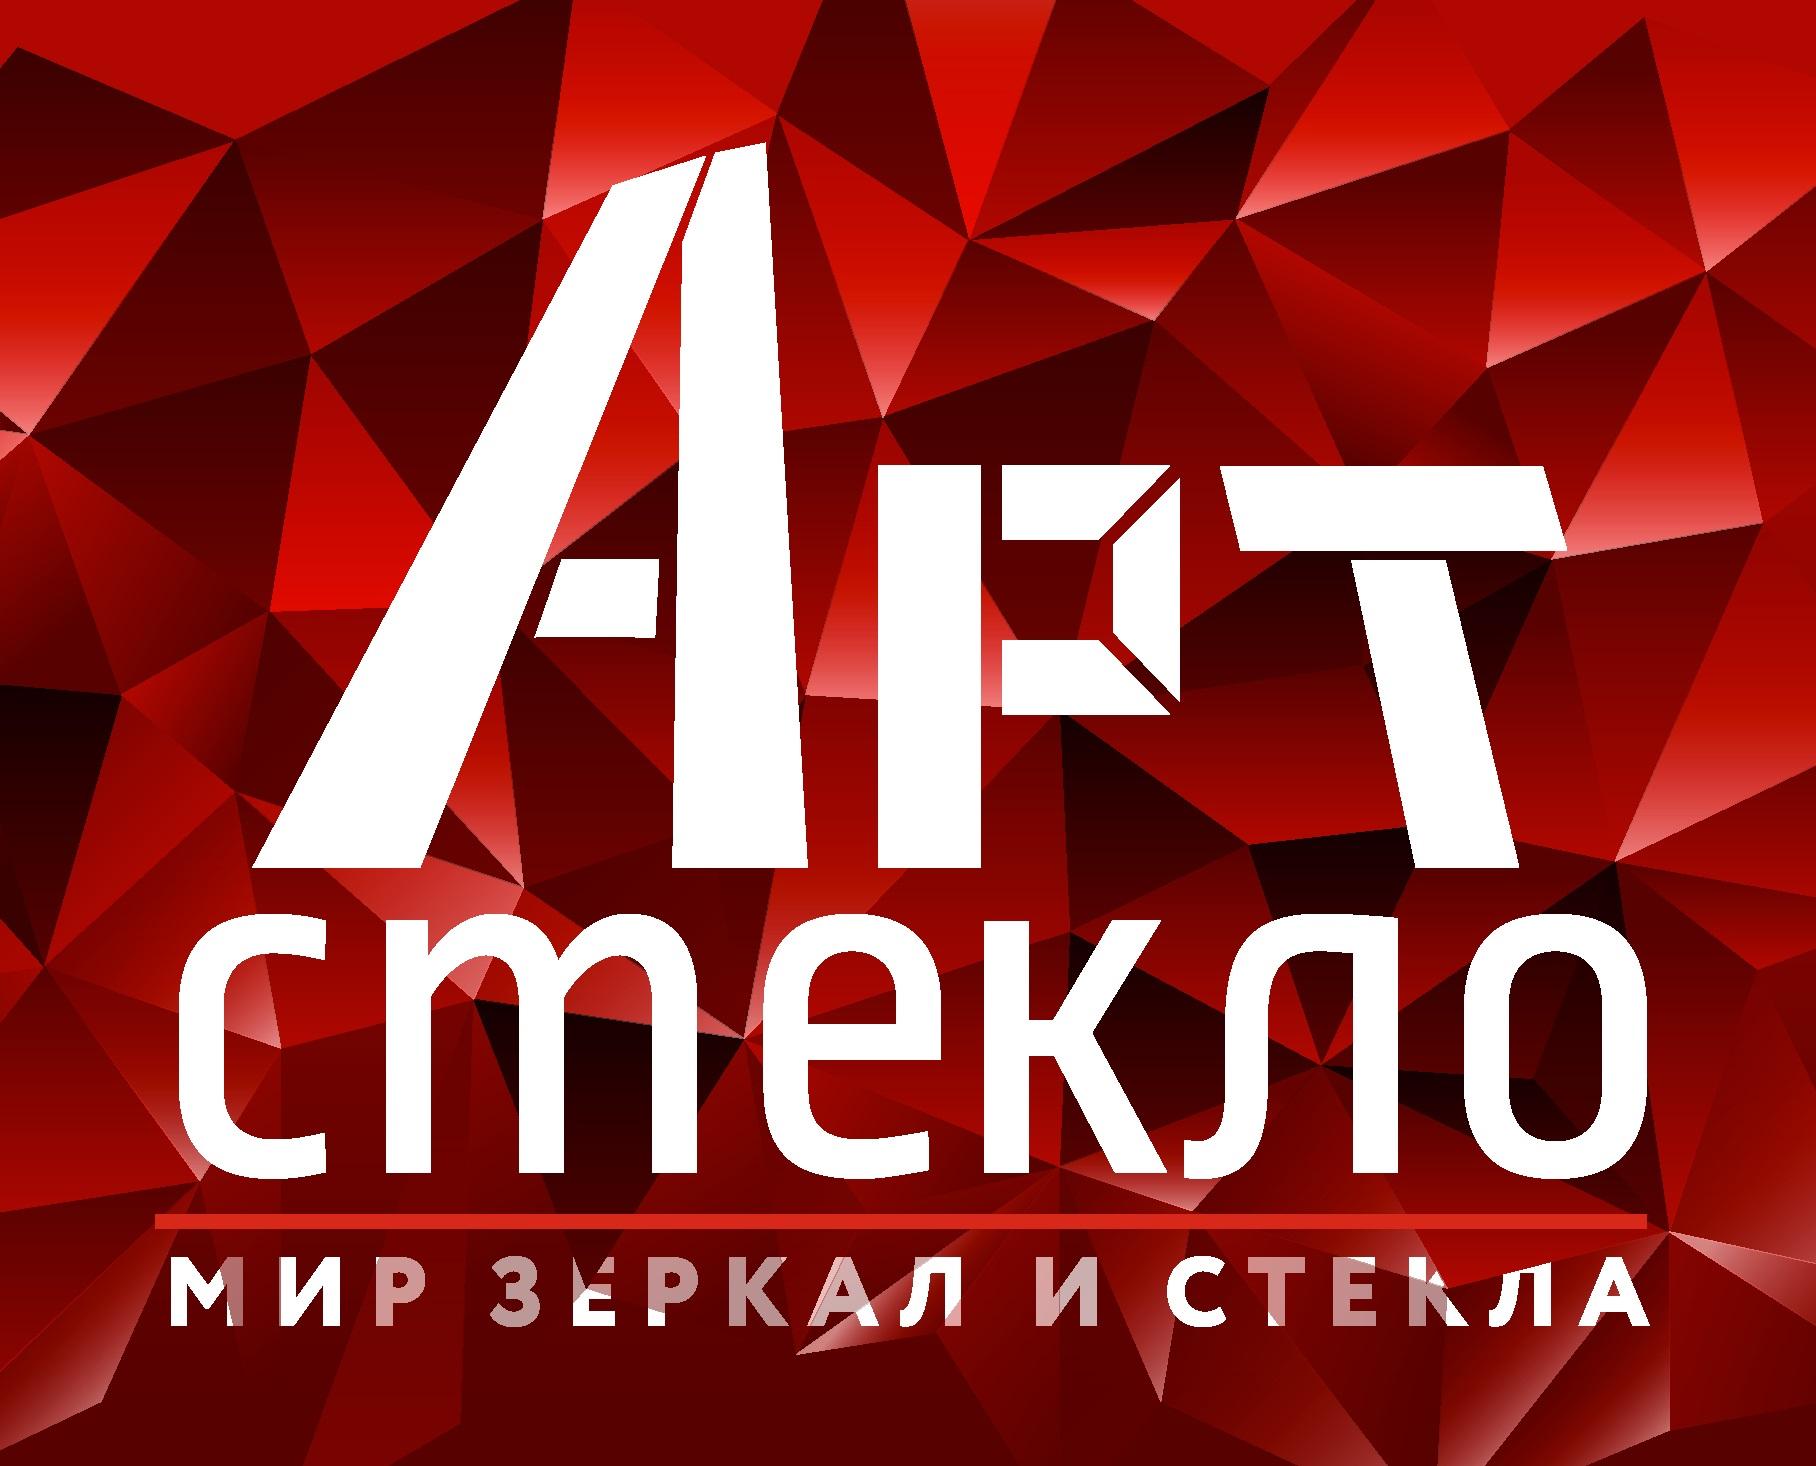 Логотип Артстекло